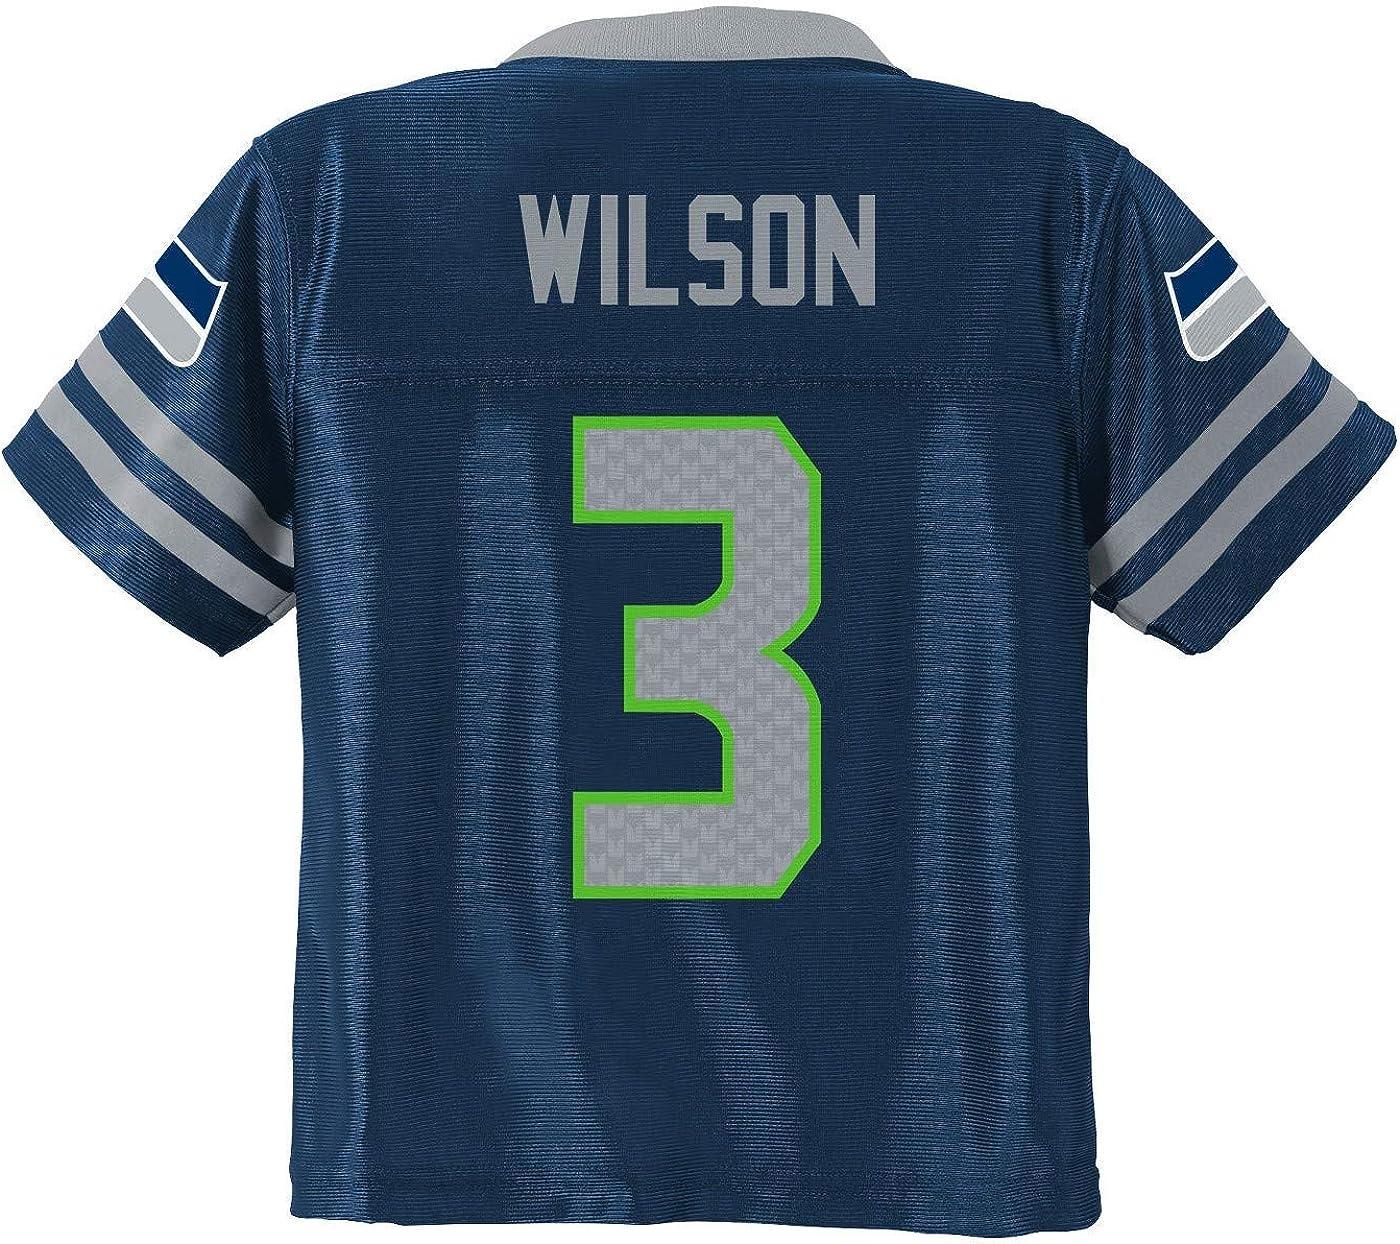 OuterStuff Kids NFL Wilson Seattle Seahawks 2015-16 Season Mid-tier Jersey Navy Kids 4